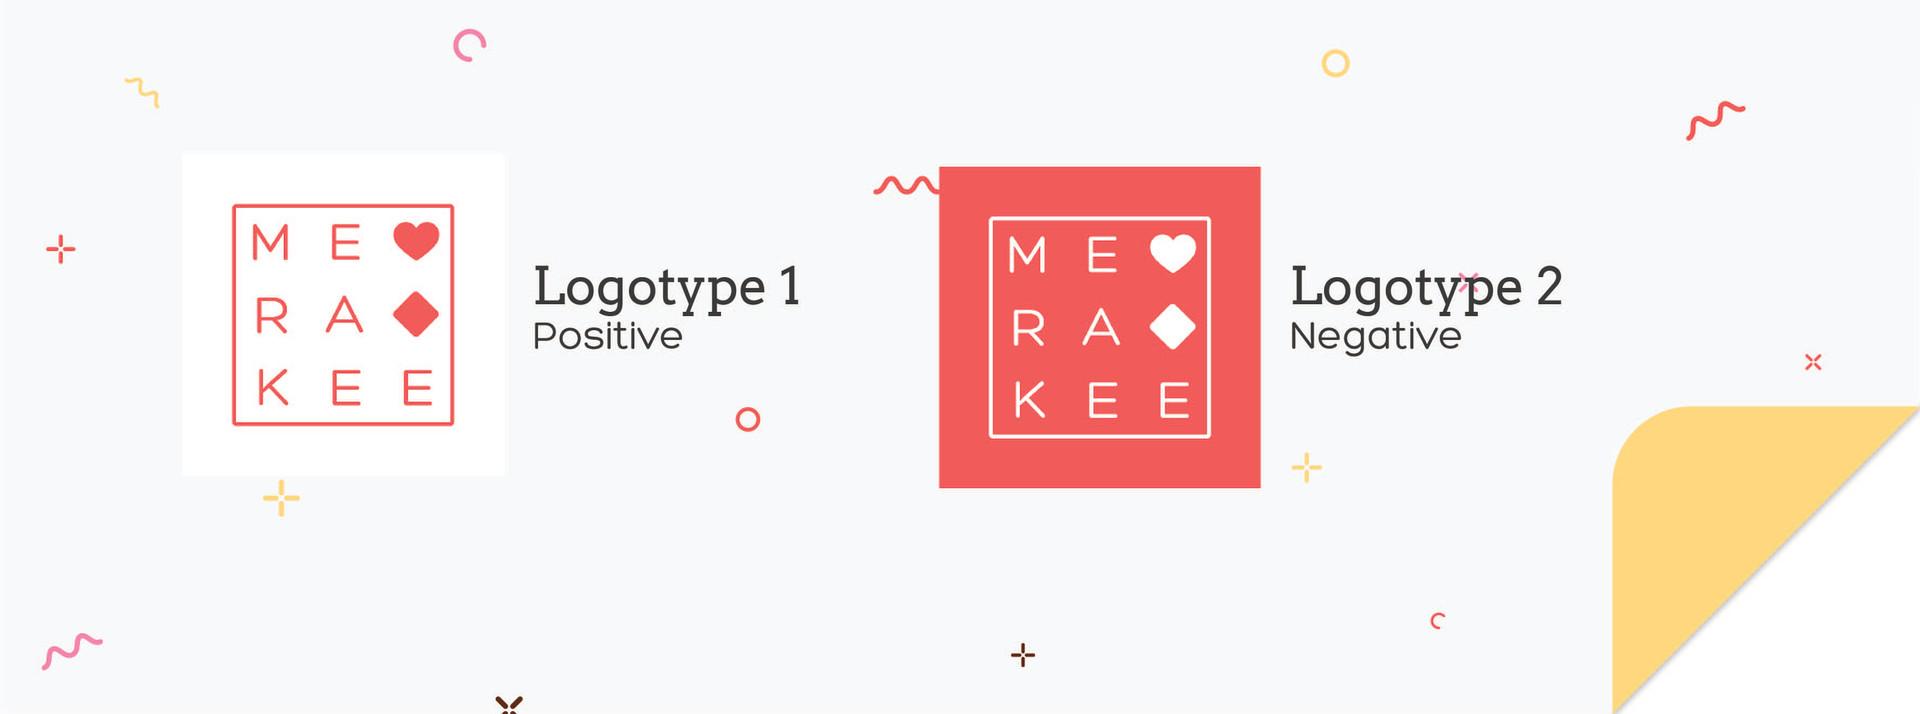 logotypes_Sneak Peak copy.jpg